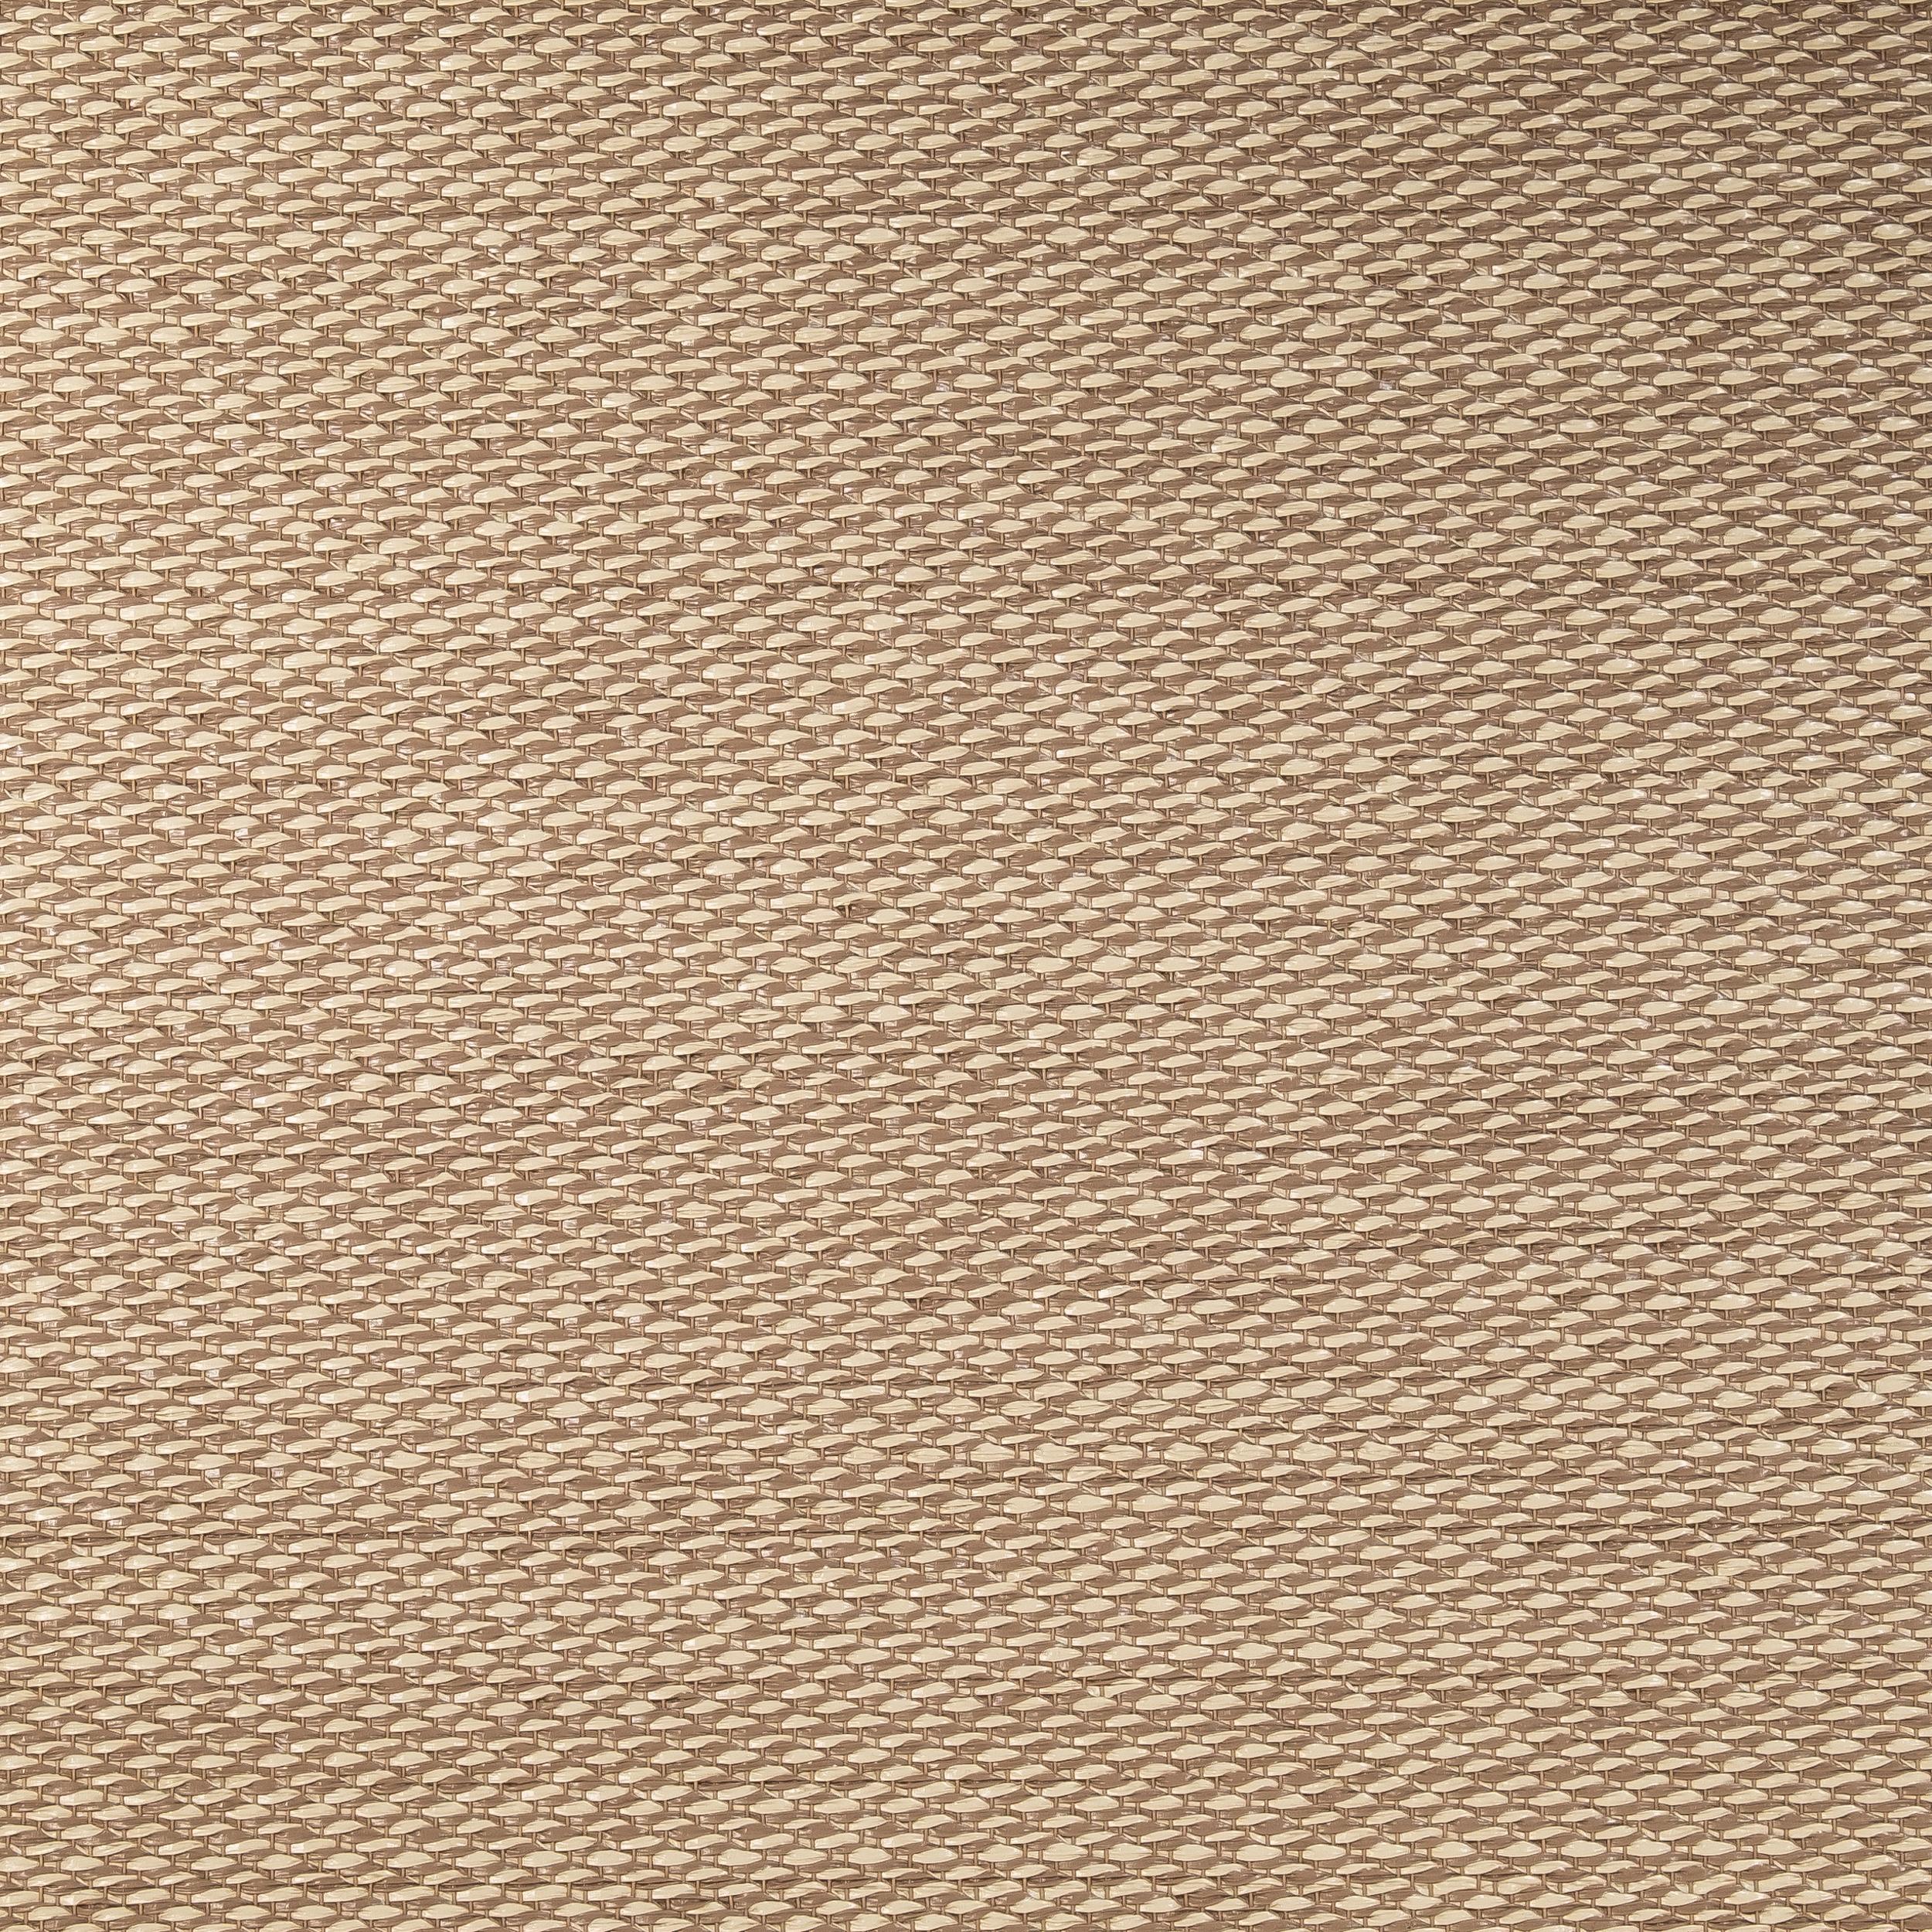 Full Size of Ikea Küchen Preise Kchen Und Elektrogerte 2013 Von Schüco Fenster Küche Kosten Betten 160x200 Regal Velux Sofa Mit Schlaffunktion Internorm Miniküche Veka Wohnzimmer Ikea Küchen Preise